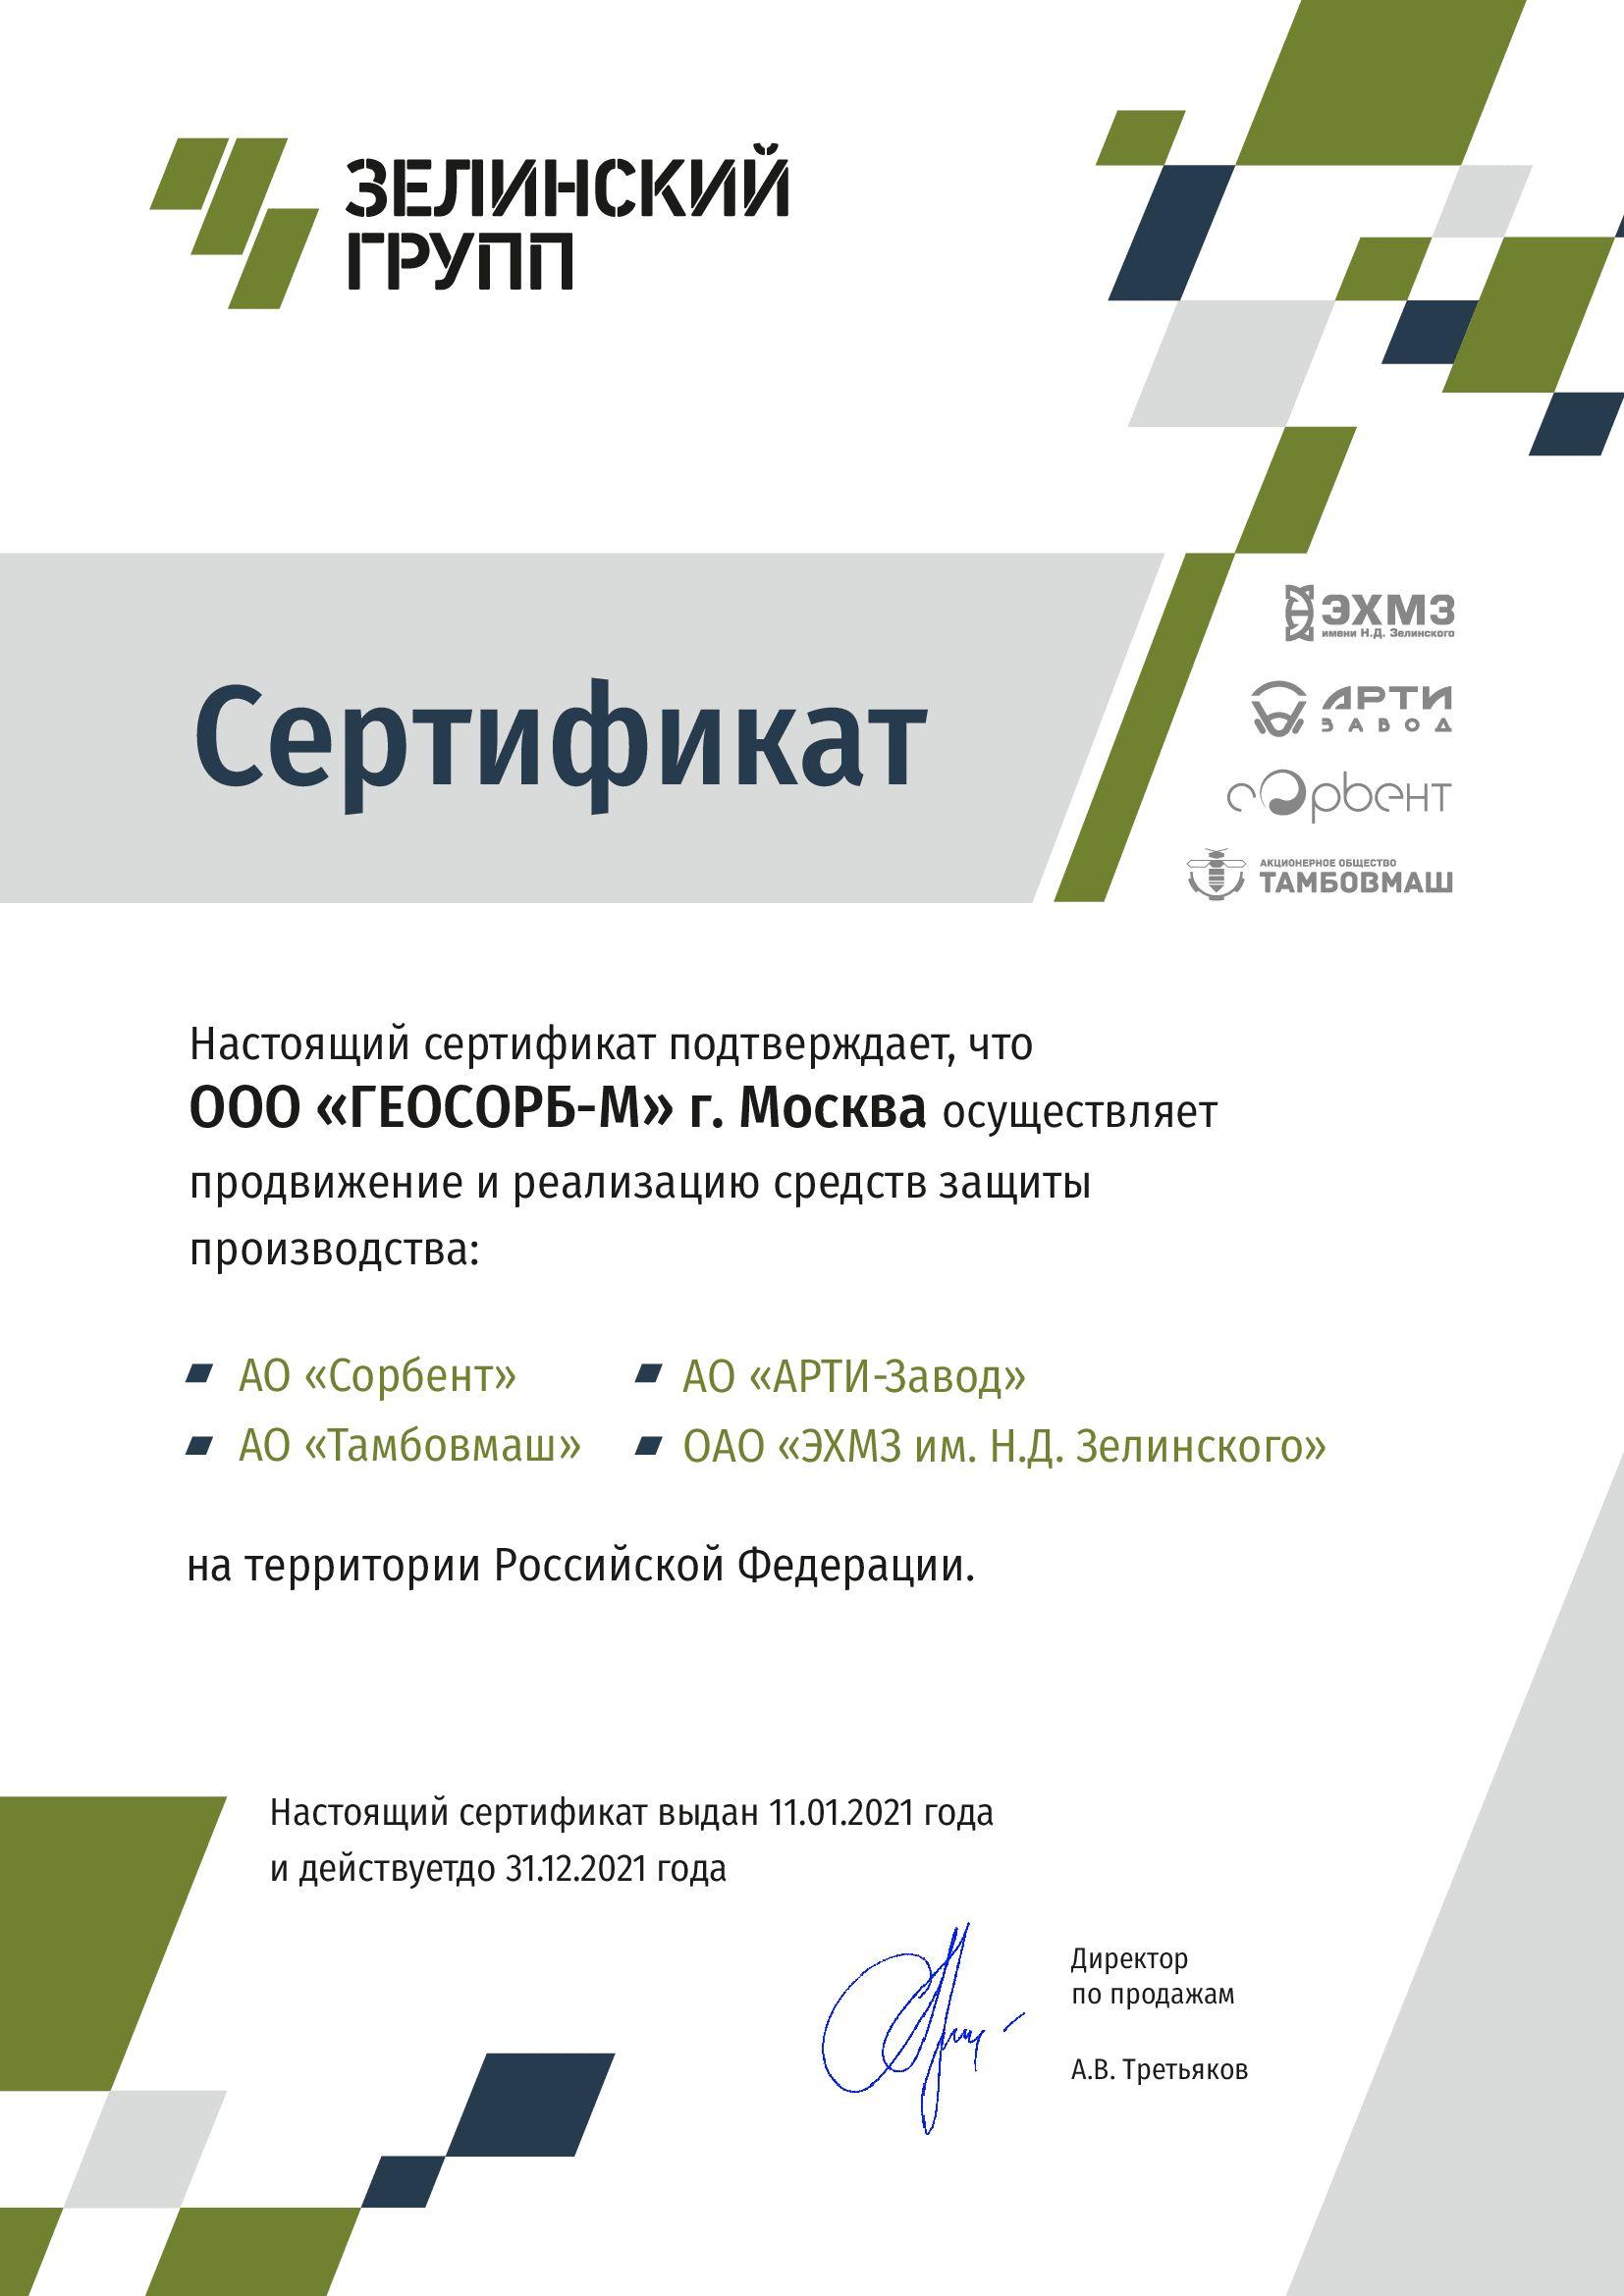 сертификат партнера на 2021г